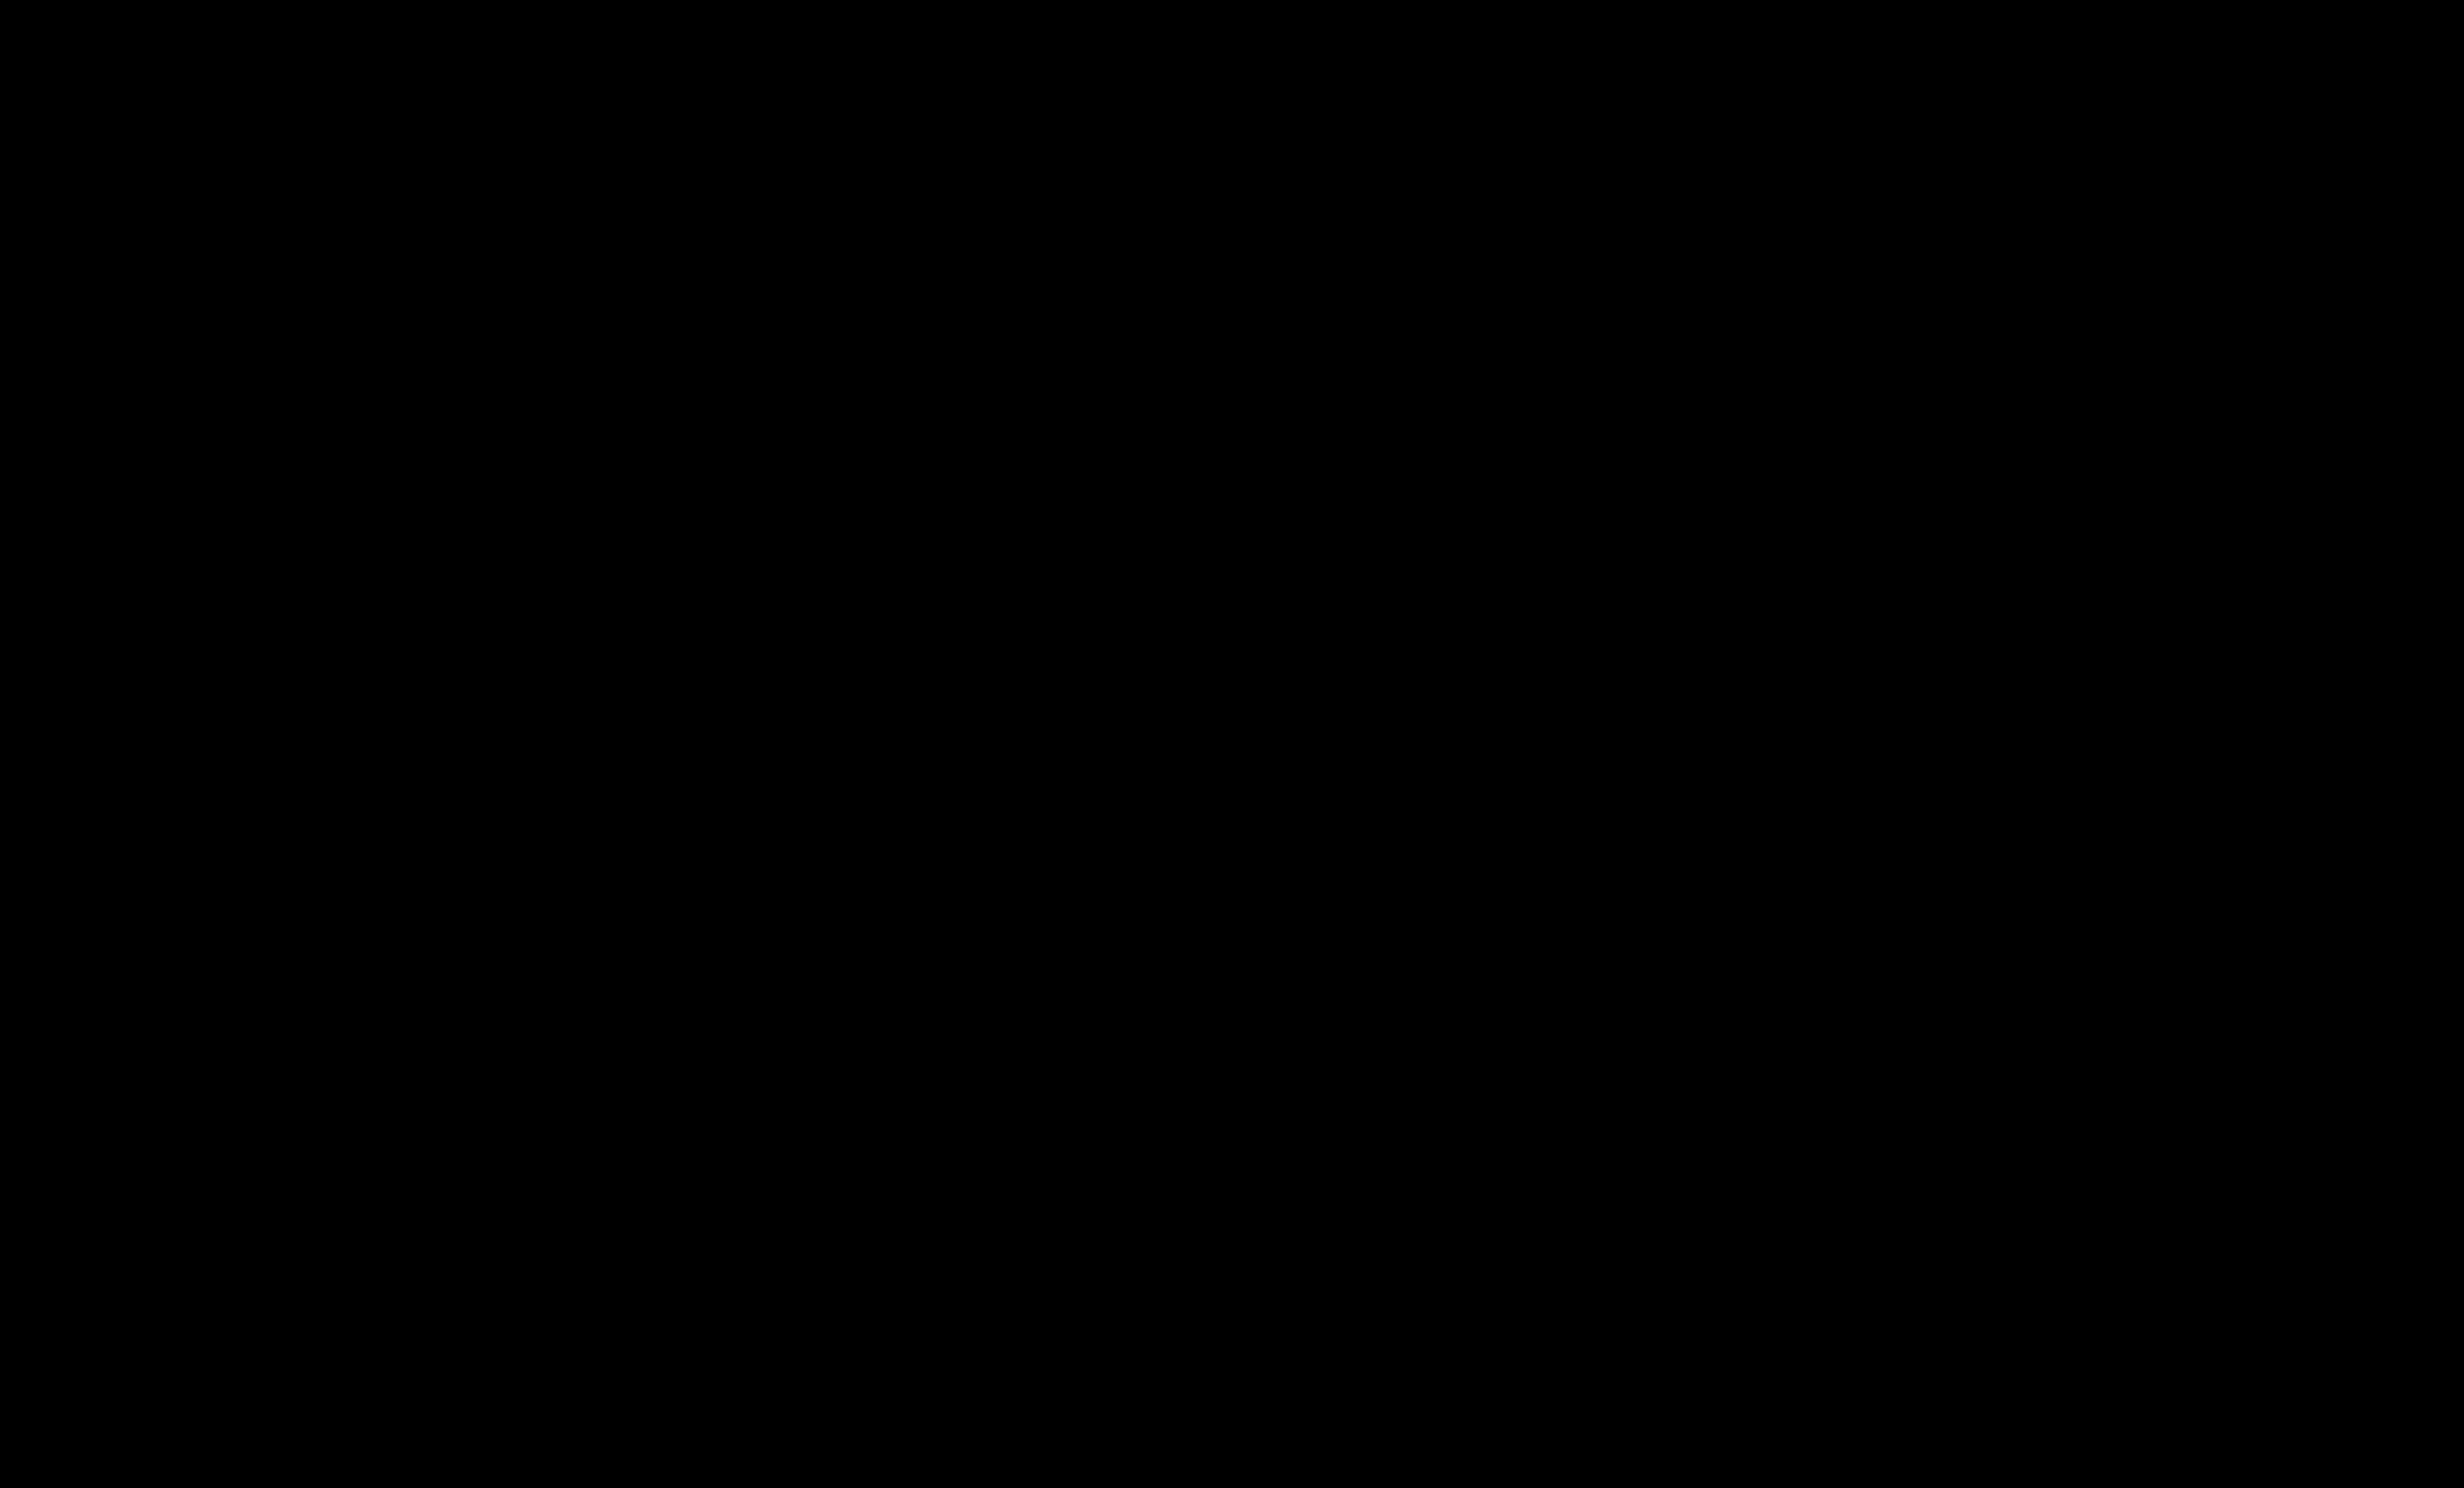 File:Panthertown Valley trail system - Nantahala National ...